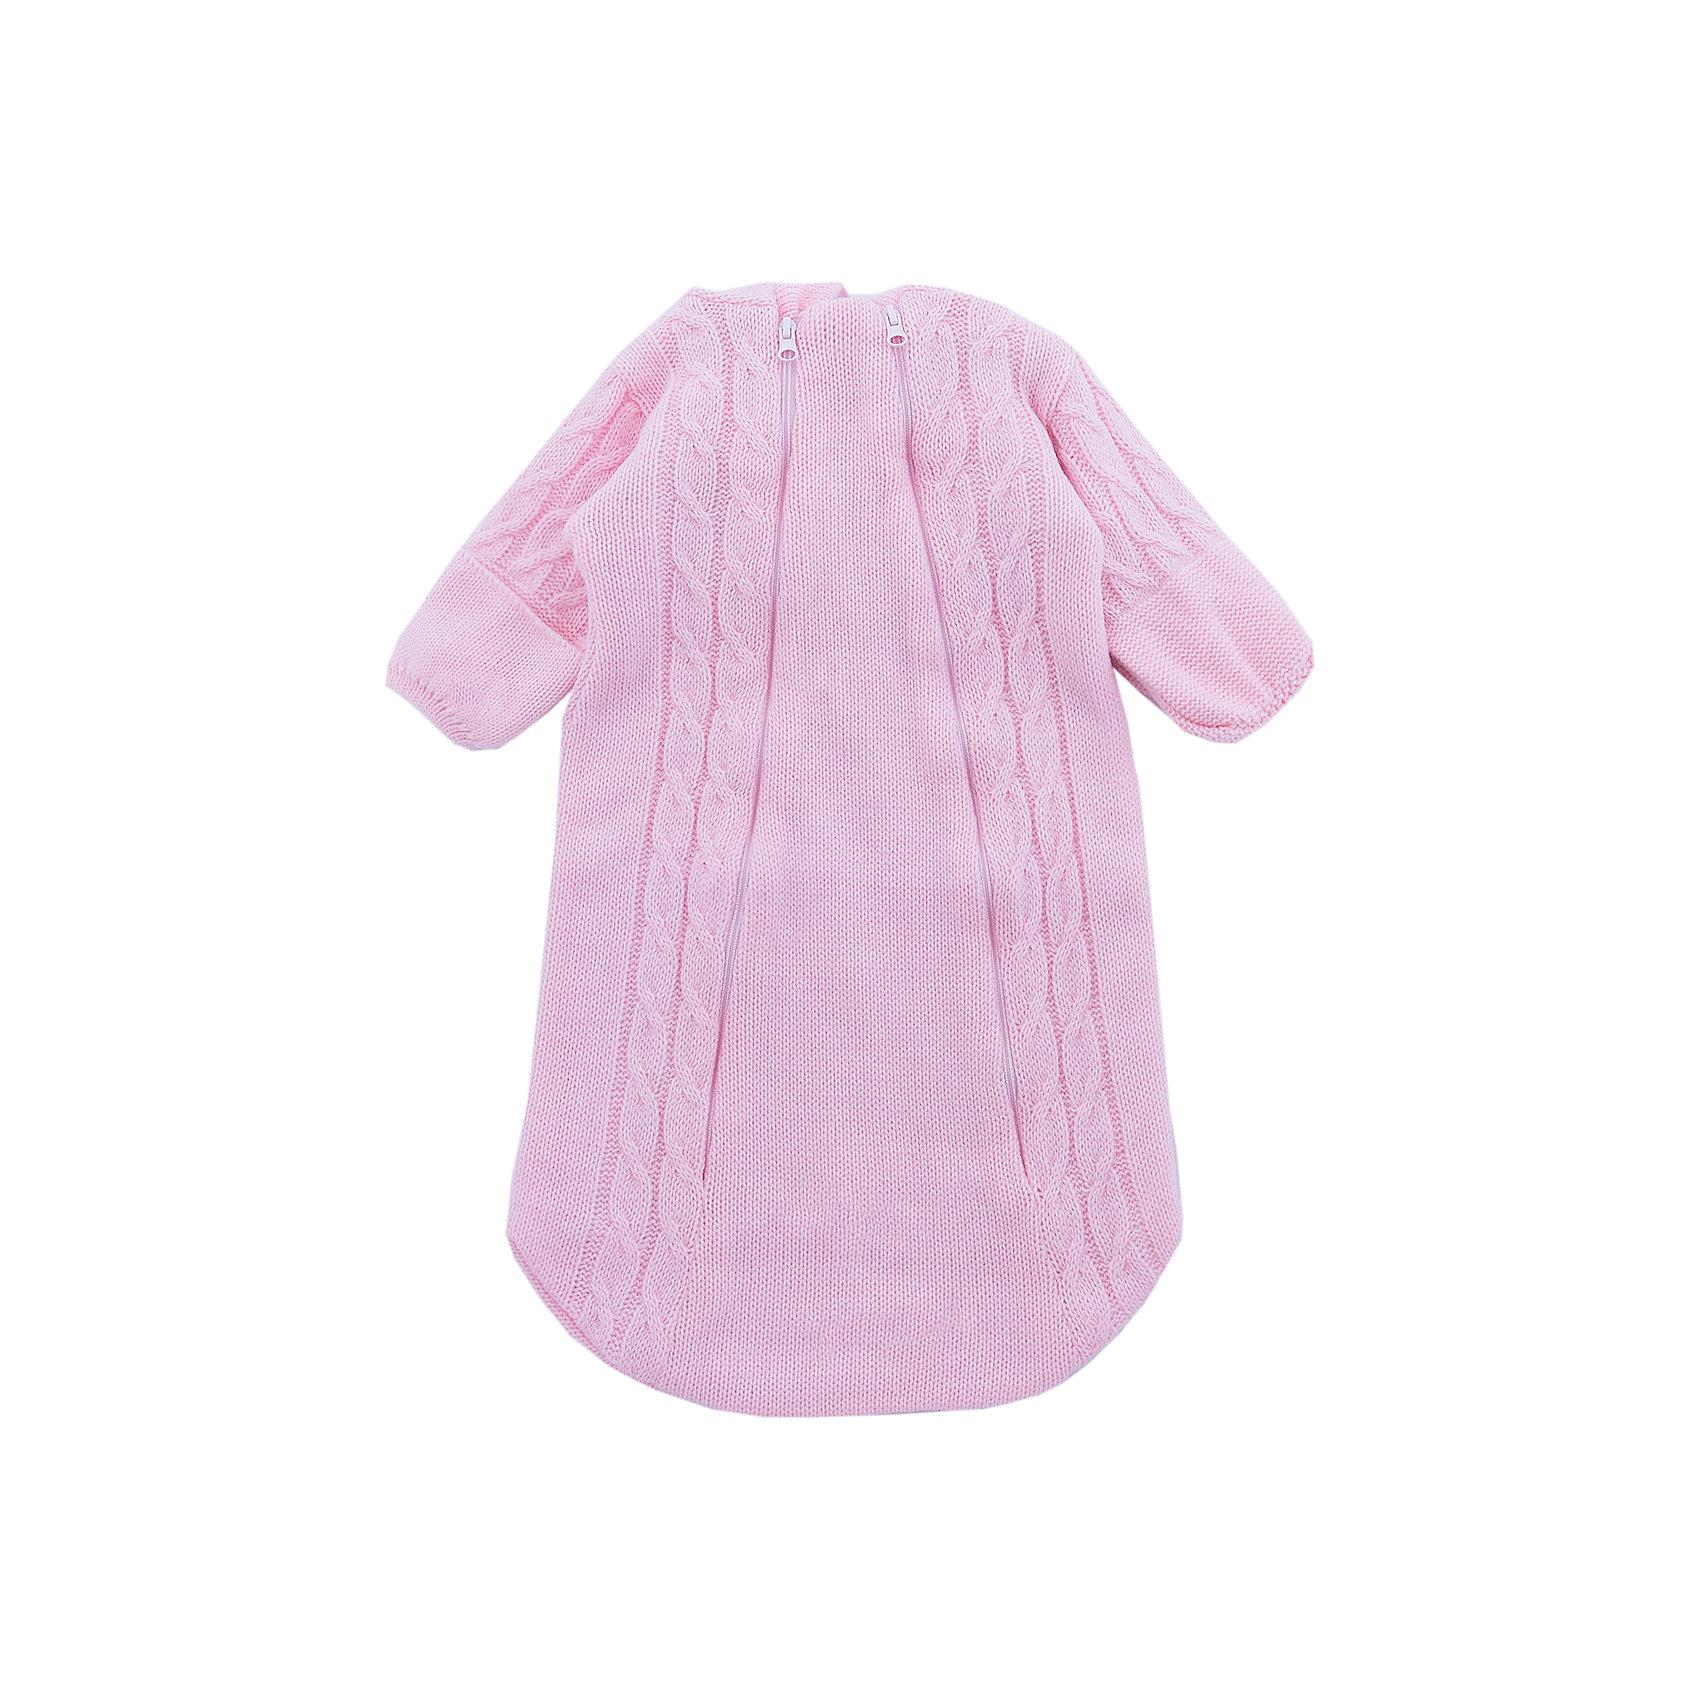 Комбинезон (конверт)  Косы Уси-Пуси для девочкиКомбинезоны<br>Характеристики товара:<br><br>• цвет: розовый;<br>• ткань: вязаная;<br>• пол: девочка;<br>• состав ткани: 50% шерсть, 50% пан, внутр. слой 100%хлопок;<br>• утеплитель: без утеплителя;<br>• вид застежки: на молнии;<br>• особенности модели: вязаная, с рисунком;<br>• сезон: демисезон;<br>• страна бренда: Россия;<br>• страна изготовитель: Россия.<br><br>Вязаный конветр для новородженных с подкладкой из 100% хлопка отлично подойдет для выписки из роддома.<br><br>Верхняя ткань выполнена из нитей шерсти и ПАНа. Его можно использовать круглый год: зимой под зимний конветр, а летом при прохладной погоде. Наличие двух молний на конверте позволяют быстро одеть ребенка на прогулку или переодеть малыша при необходимости. <br><br>Вязаный конветр «Косы» Уси-Пуси для девочки можно купить в нашем интернет-магазине.<br><br>Ширина мм: 157<br>Глубина мм: 13<br>Высота мм: 119<br>Вес г: 200<br>Цвет: розовый<br>Возраст от месяцев: 3<br>Возраст до месяцев: 6<br>Пол: Женский<br>Возраст: Детский<br>Размер: 62/68,50/56,56/62<br>SKU: 7029644